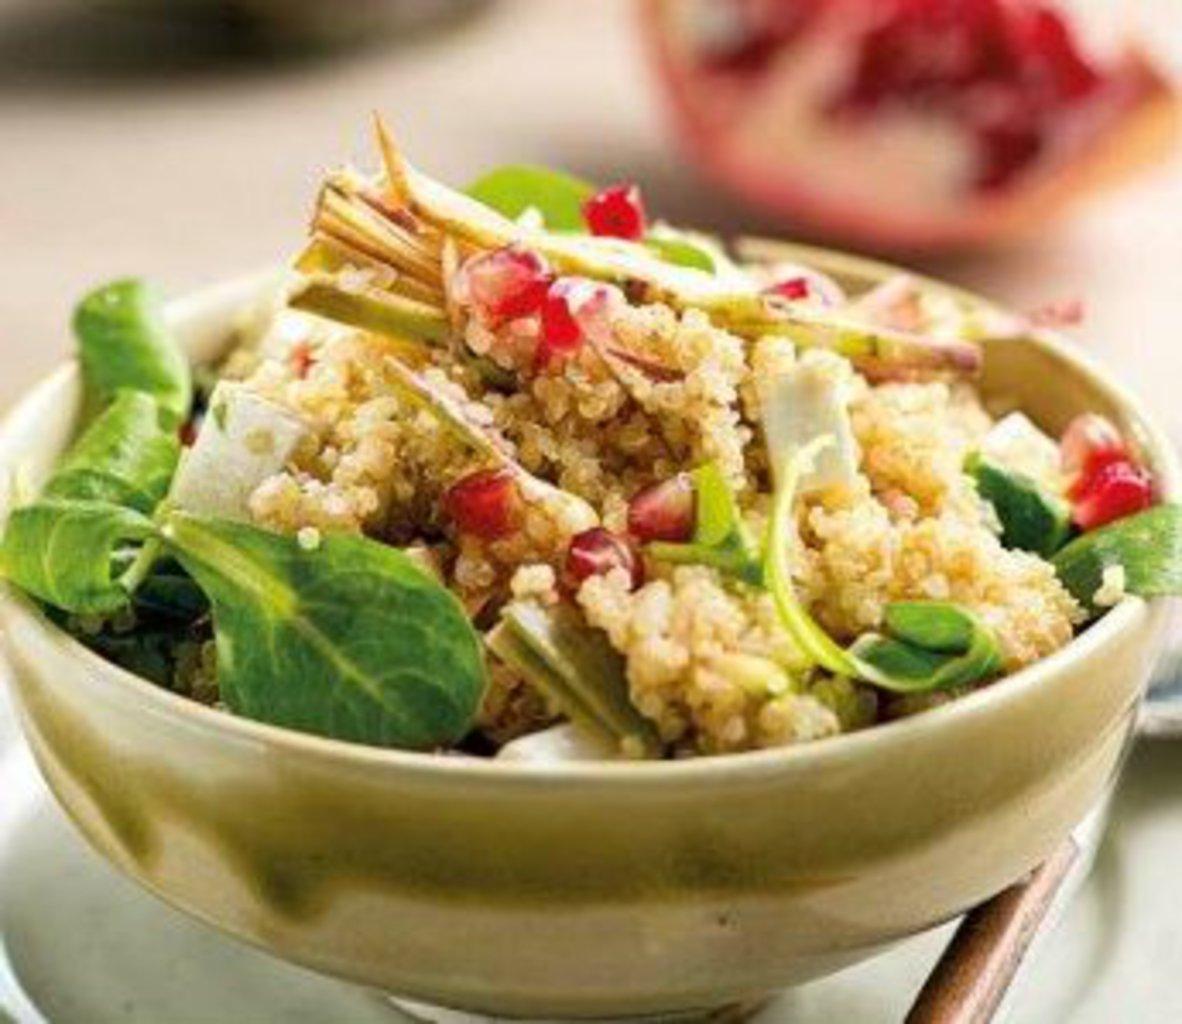 Ricetta Quinoa Con Carciofi.Ricetta Quinoa Con Carciofi E Melagrano Ricette Kenwood Club